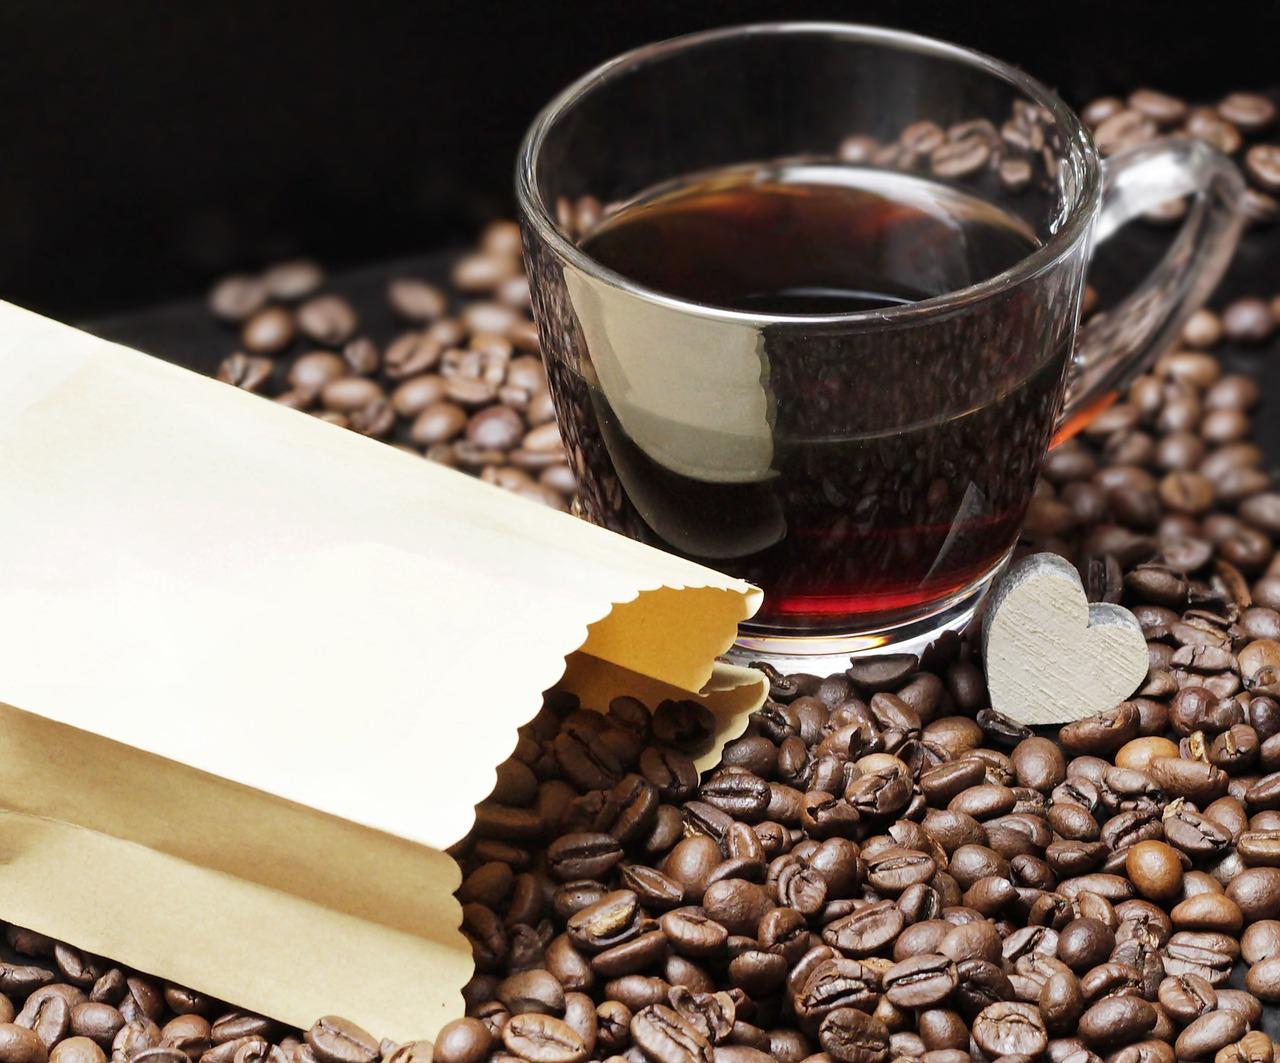 แนะนำโรงงานรับผลิตอาหารเสริม กาแฟ